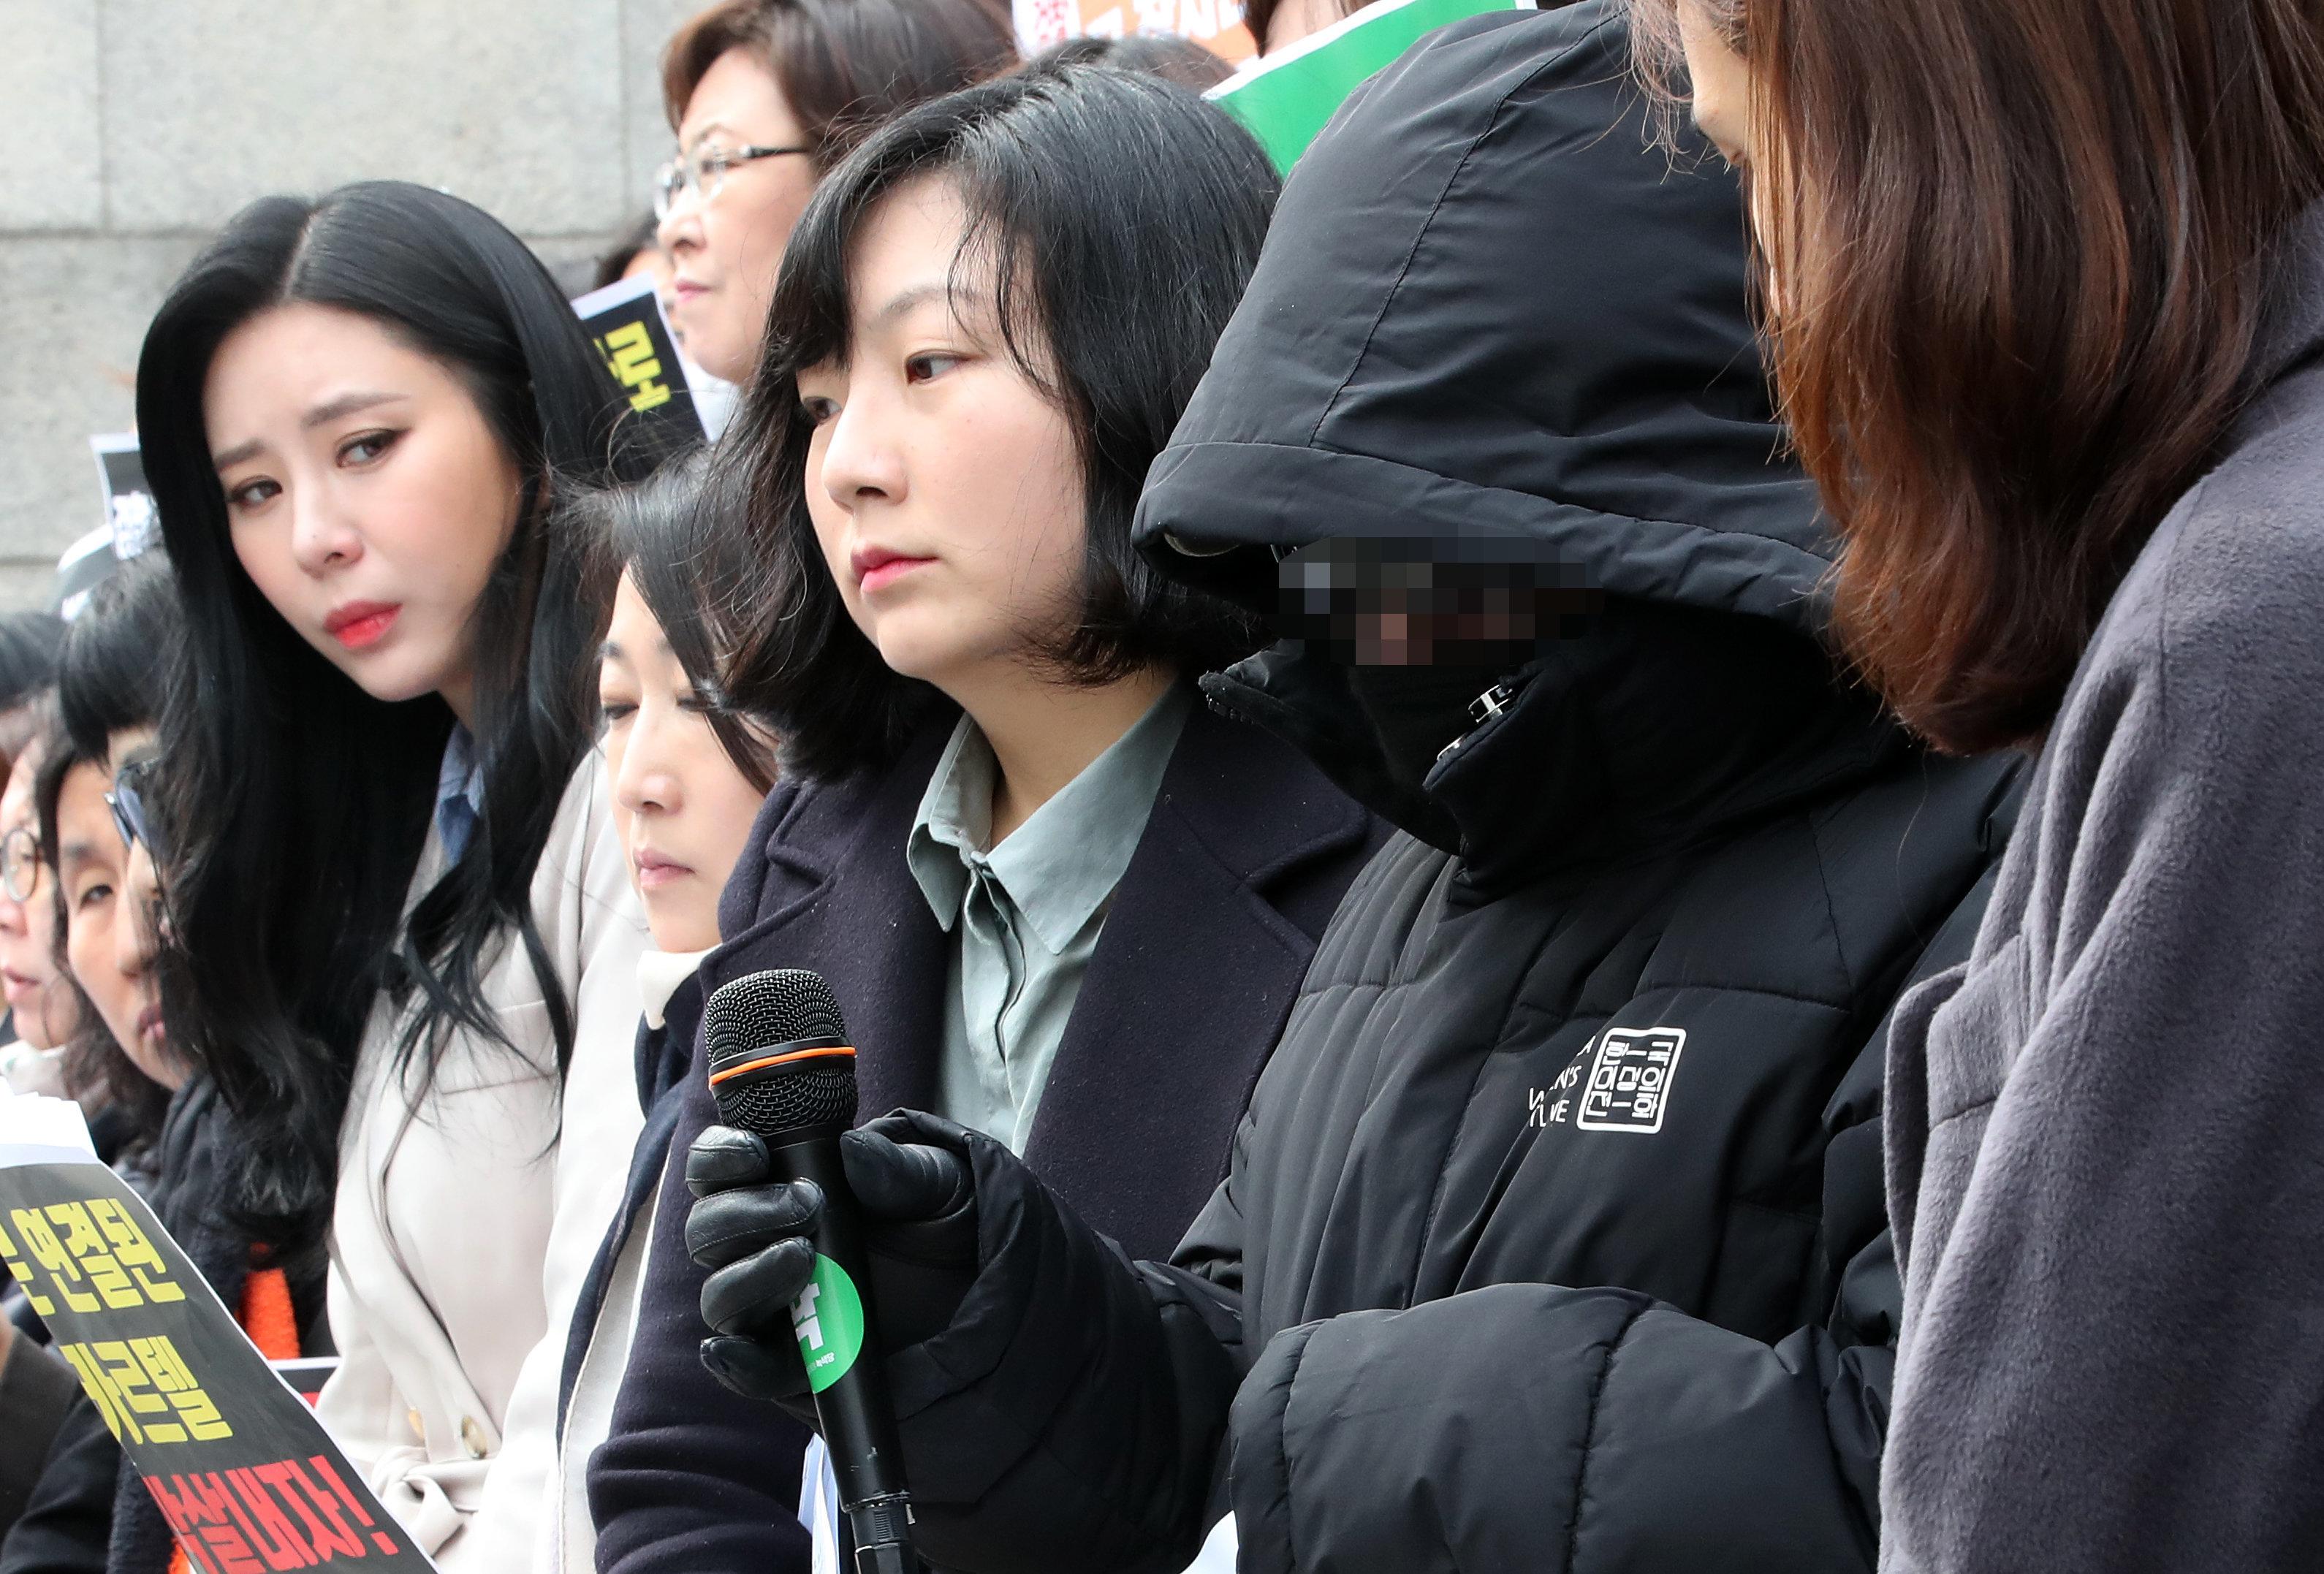 윤지오가 '만우절 거짓말' 빙자한 루머에 강경대응을